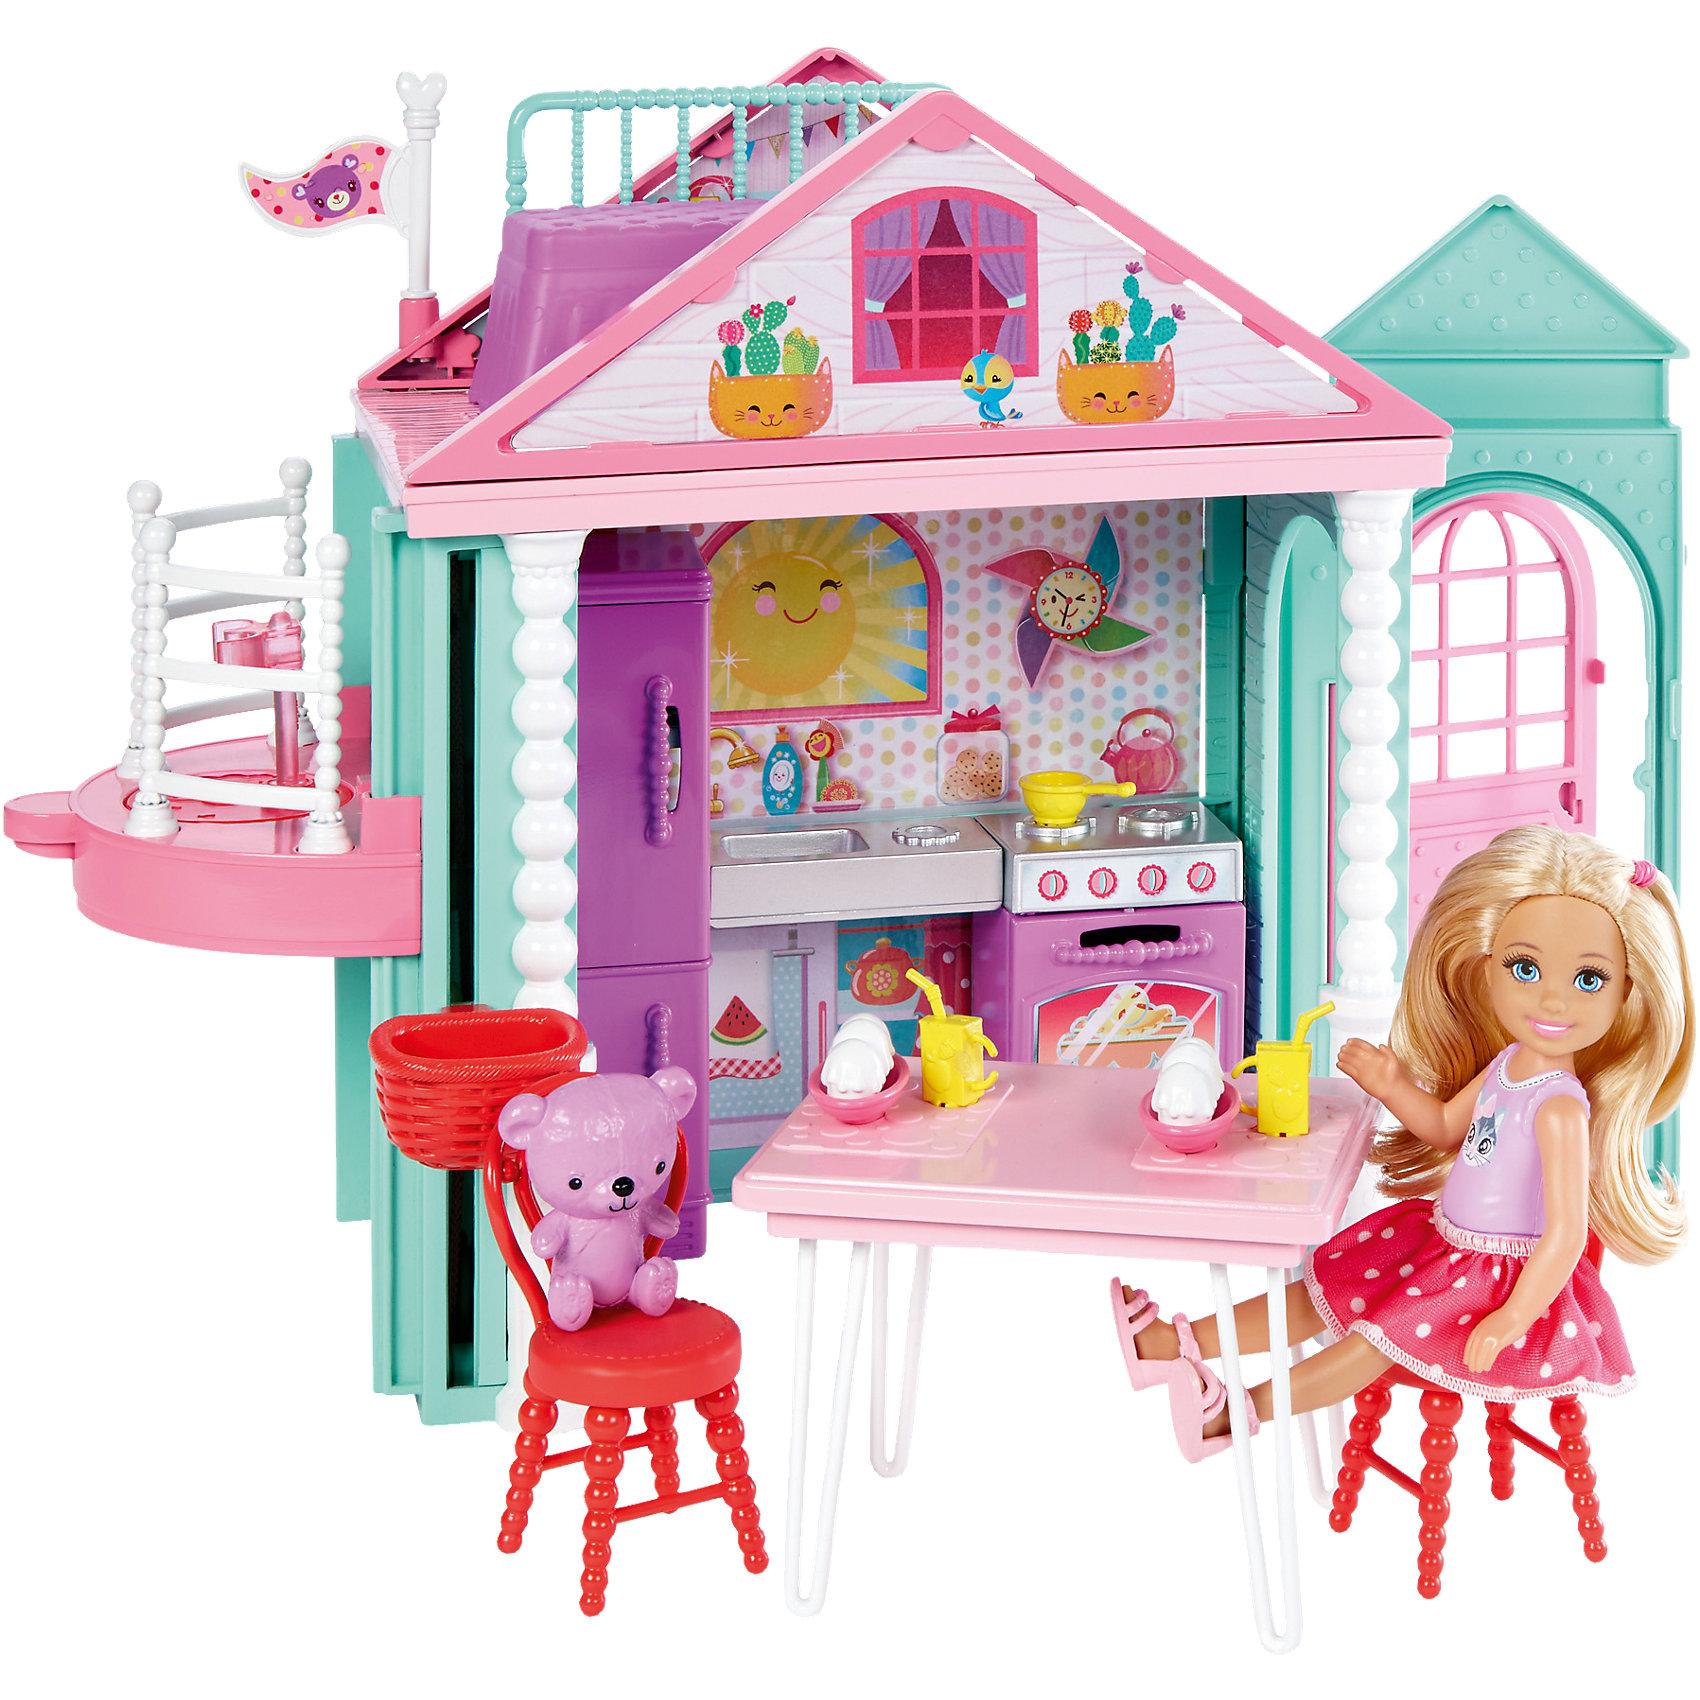 Домик ЧелсиИгрушечные домики и замки<br>Домик Челси, Barbie (Барби)<br><br>Характеристики:<br><br>• в комплекте есть всё необходимое для веселых встреч с подружками<br>• лифт поднимает Челси на второй этаж<br>• материал: пластик<br>• в комплекте: кукла, медвежонок, элементы домика, аксессуары<br>• высота куклы: 14 см<br>• размер упаковки: 34,5х27х7 см<br>• вес: 795 грамм<br><br>Восхитительный домик Челси - настоящий подарок для встреч с любимыми подружками. На первом этаже располагается кухня со всей необходимой бытовой техникой, посудой, мебелью и продуктами. Красавица с радостью угостит напитками и десертами своих друзей и маленького медвежонка. Лифт может поднять Челси на второй этаж, где расположена ее кроватка. Там девочка сладко поспит или помечтает, глядя на звезды. Яркие декорации дома понравятся гостям и они с радостью придут в гости к милашке Челси. Кукла одета в маечку с принтом, юбку в горошек и сандалики.<br><br>Домик Челси, Barbie (Барби) можно купить в нашем интернет-магазине.<br><br>Ширина мм: 351<br>Глубина мм: 274<br>Высота мм: 78<br>Вес г: 785<br>Возраст от месяцев: 36<br>Возраст до месяцев: 72<br>Пол: Женский<br>Возраст: Детский<br>SKU: 5257131